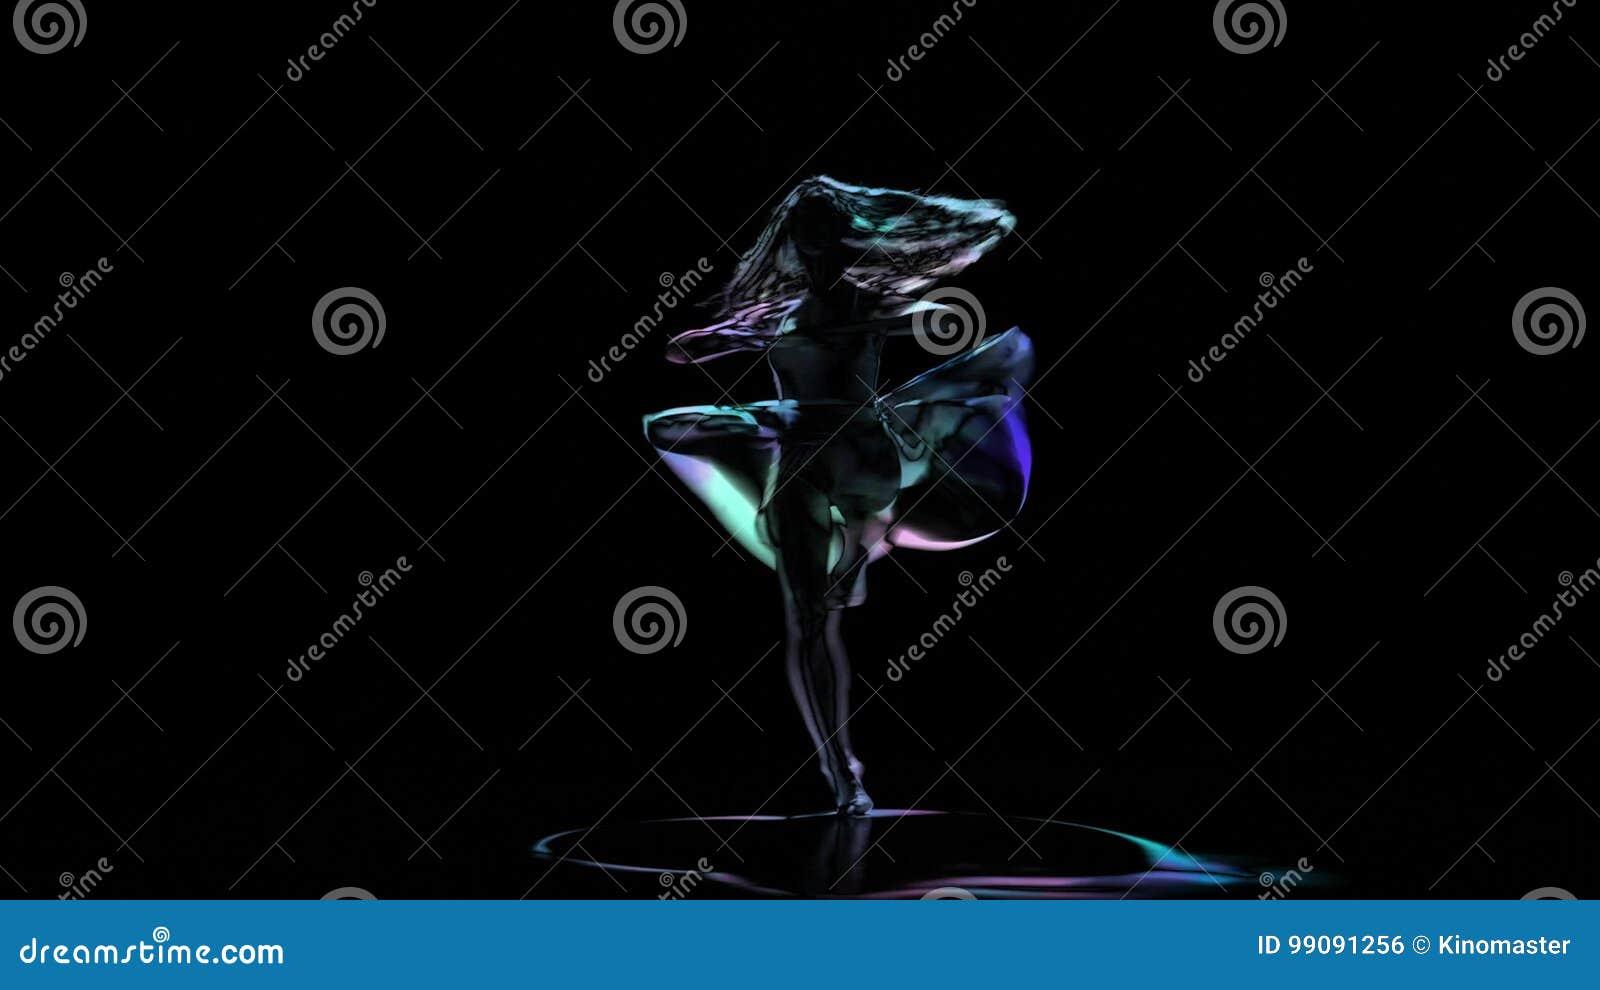 Disegno Di Una Ballerina : Disegno del computer della ballerina che posa sul fondo nero